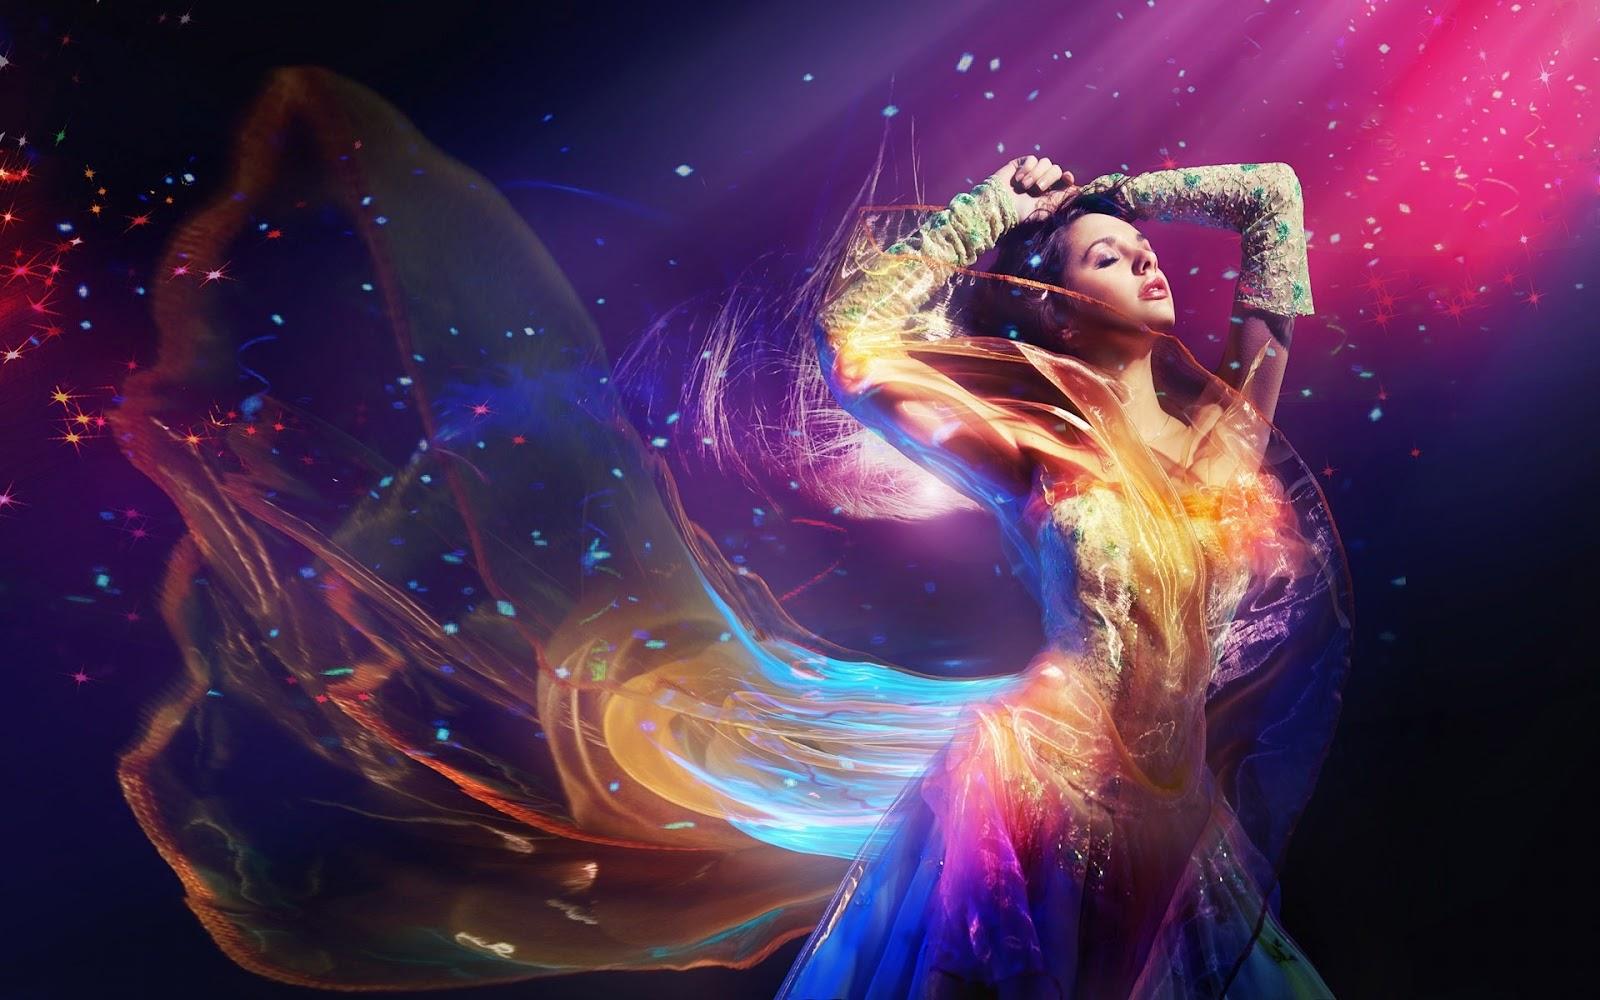 http://3.bp.blogspot.com/-75CmbaY1PHE/T2hNX2PG8QI/AAAAAAAAAsk/yJdkwz_CV1c/s1600/34-hd-wallpapers-creative-woman-dancing.jpg